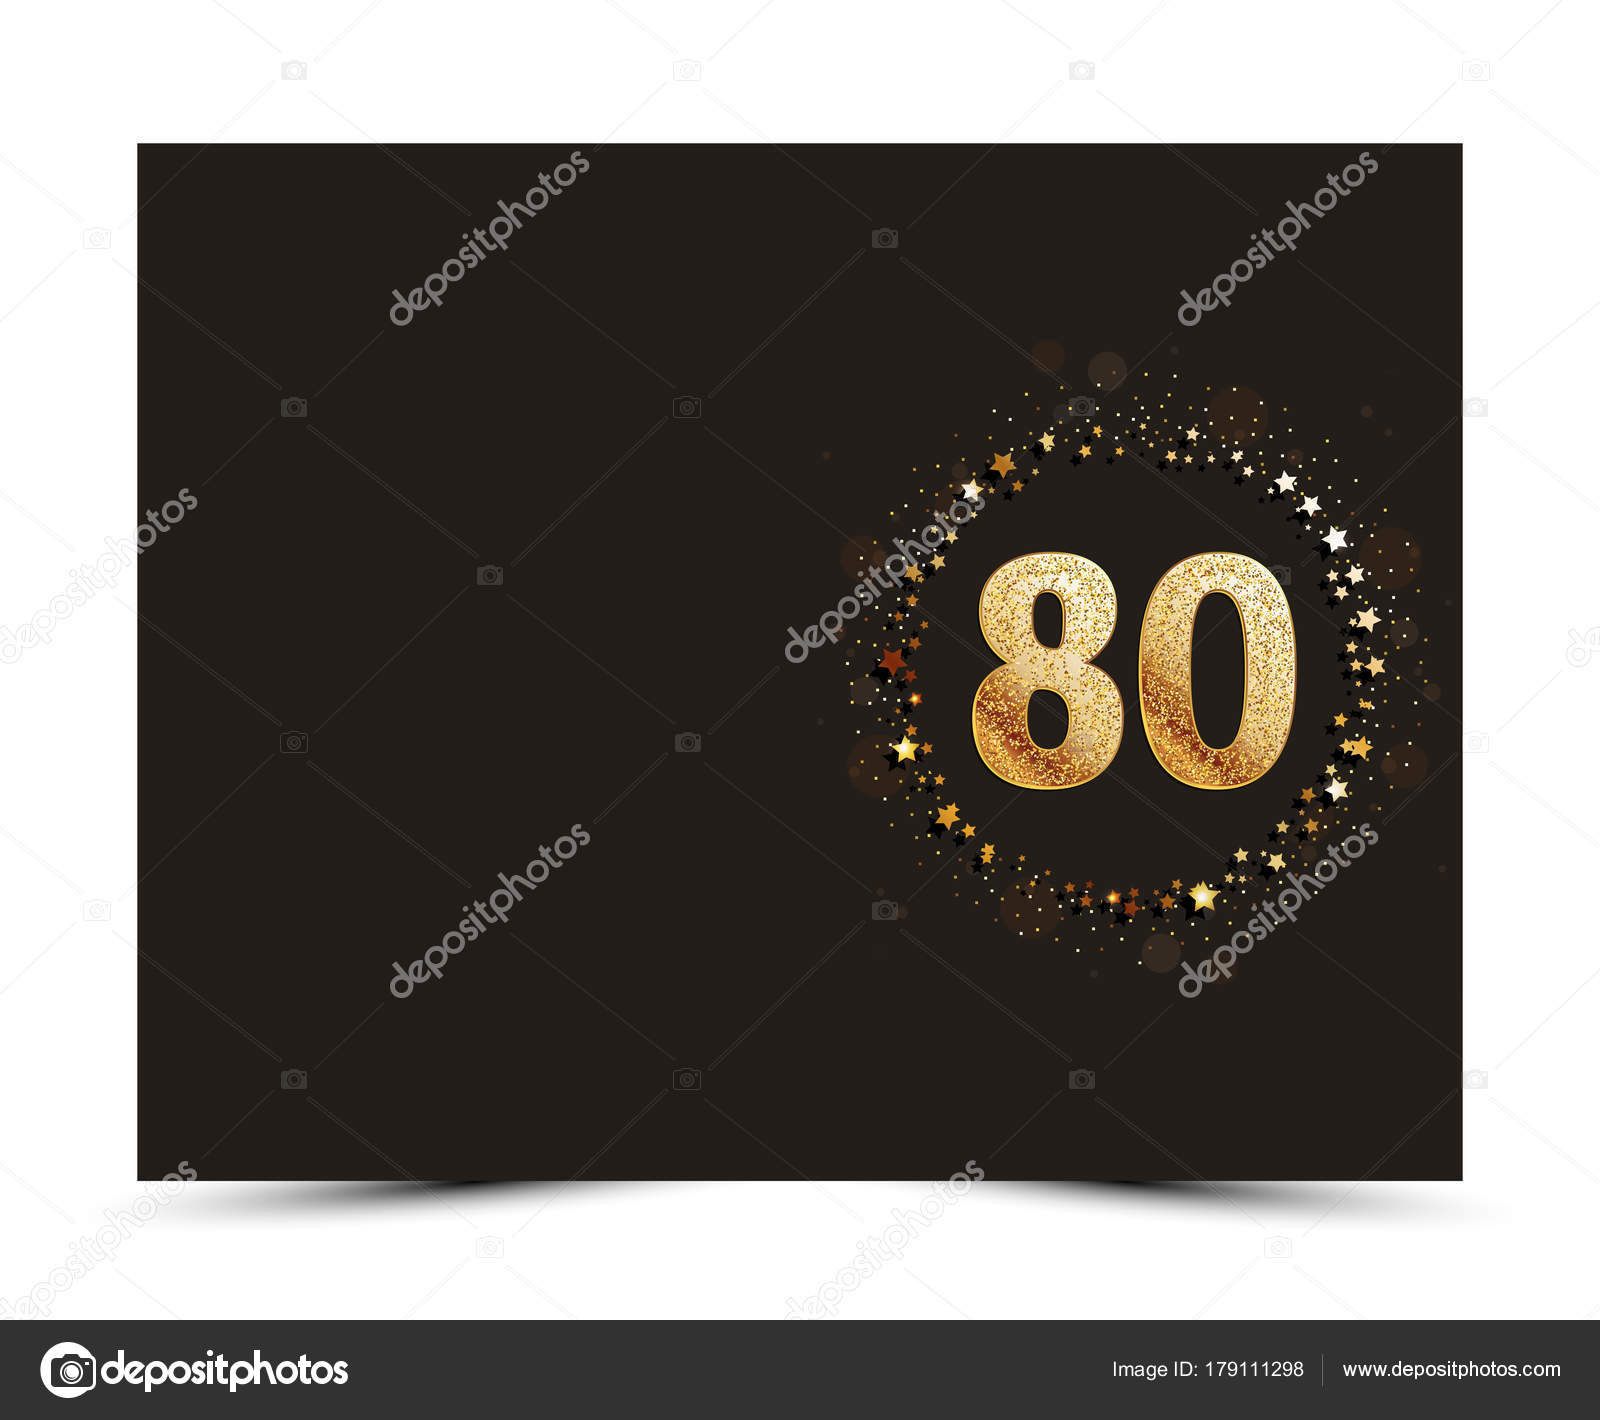 Bedwelming 80 jaar verjaardag ingericht groet / uitnodiging kaart sjabloon #IM18